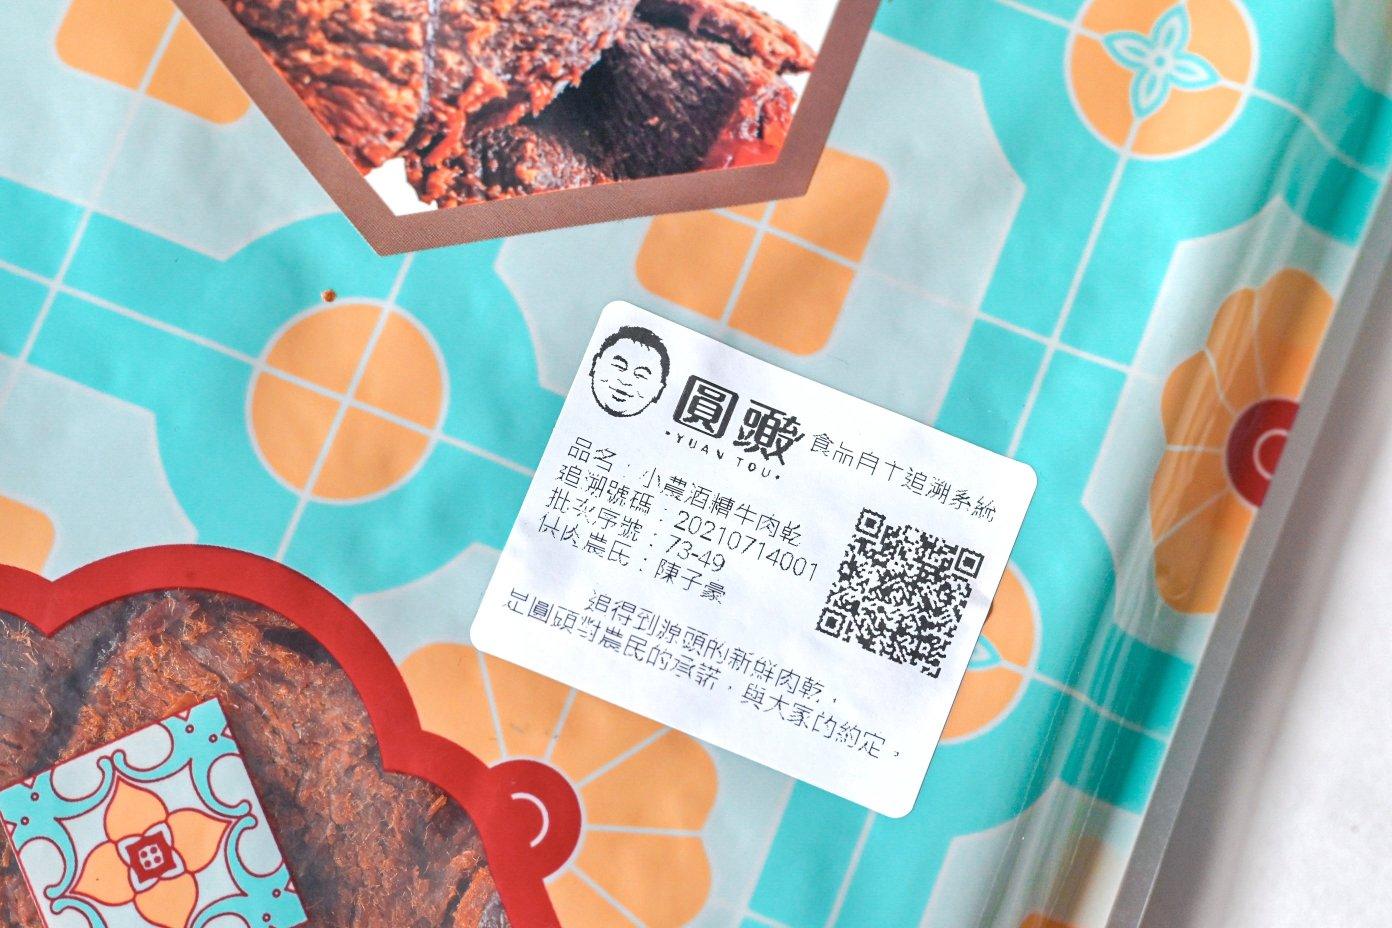 圓頭肉乾:金門伴手禮金門牛肉乾,使用金門在地溫體肉品製作可追溯源頭,吃的安心有保證! @女子的休假計劃